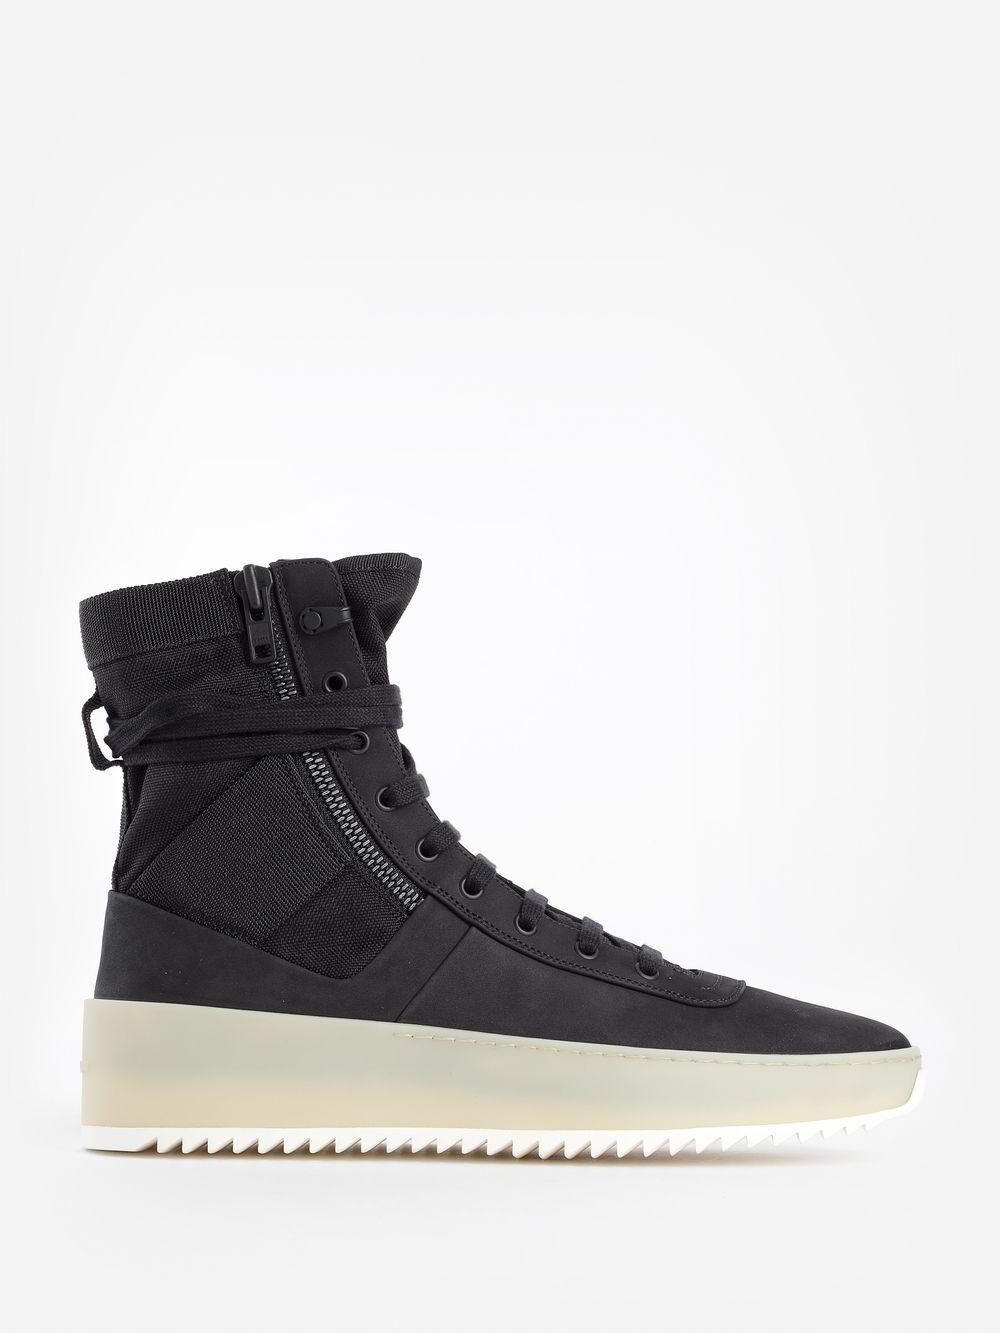 Fear Of God Men's Black Jungle Sneakers